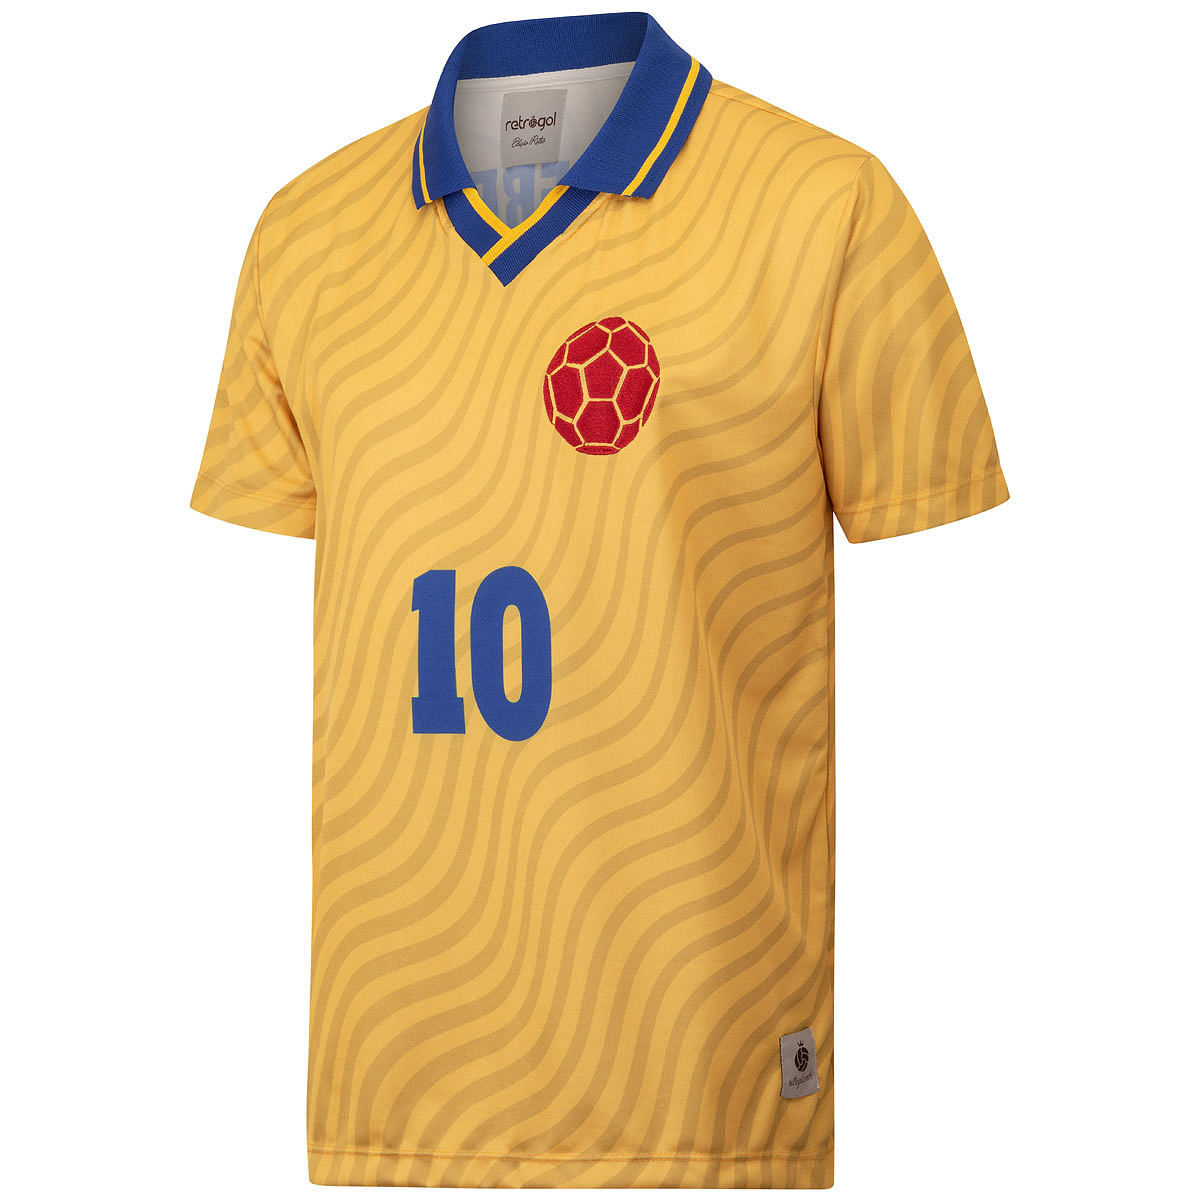 Camisa Colômbia Retrô 1994 Valderrama Masculina